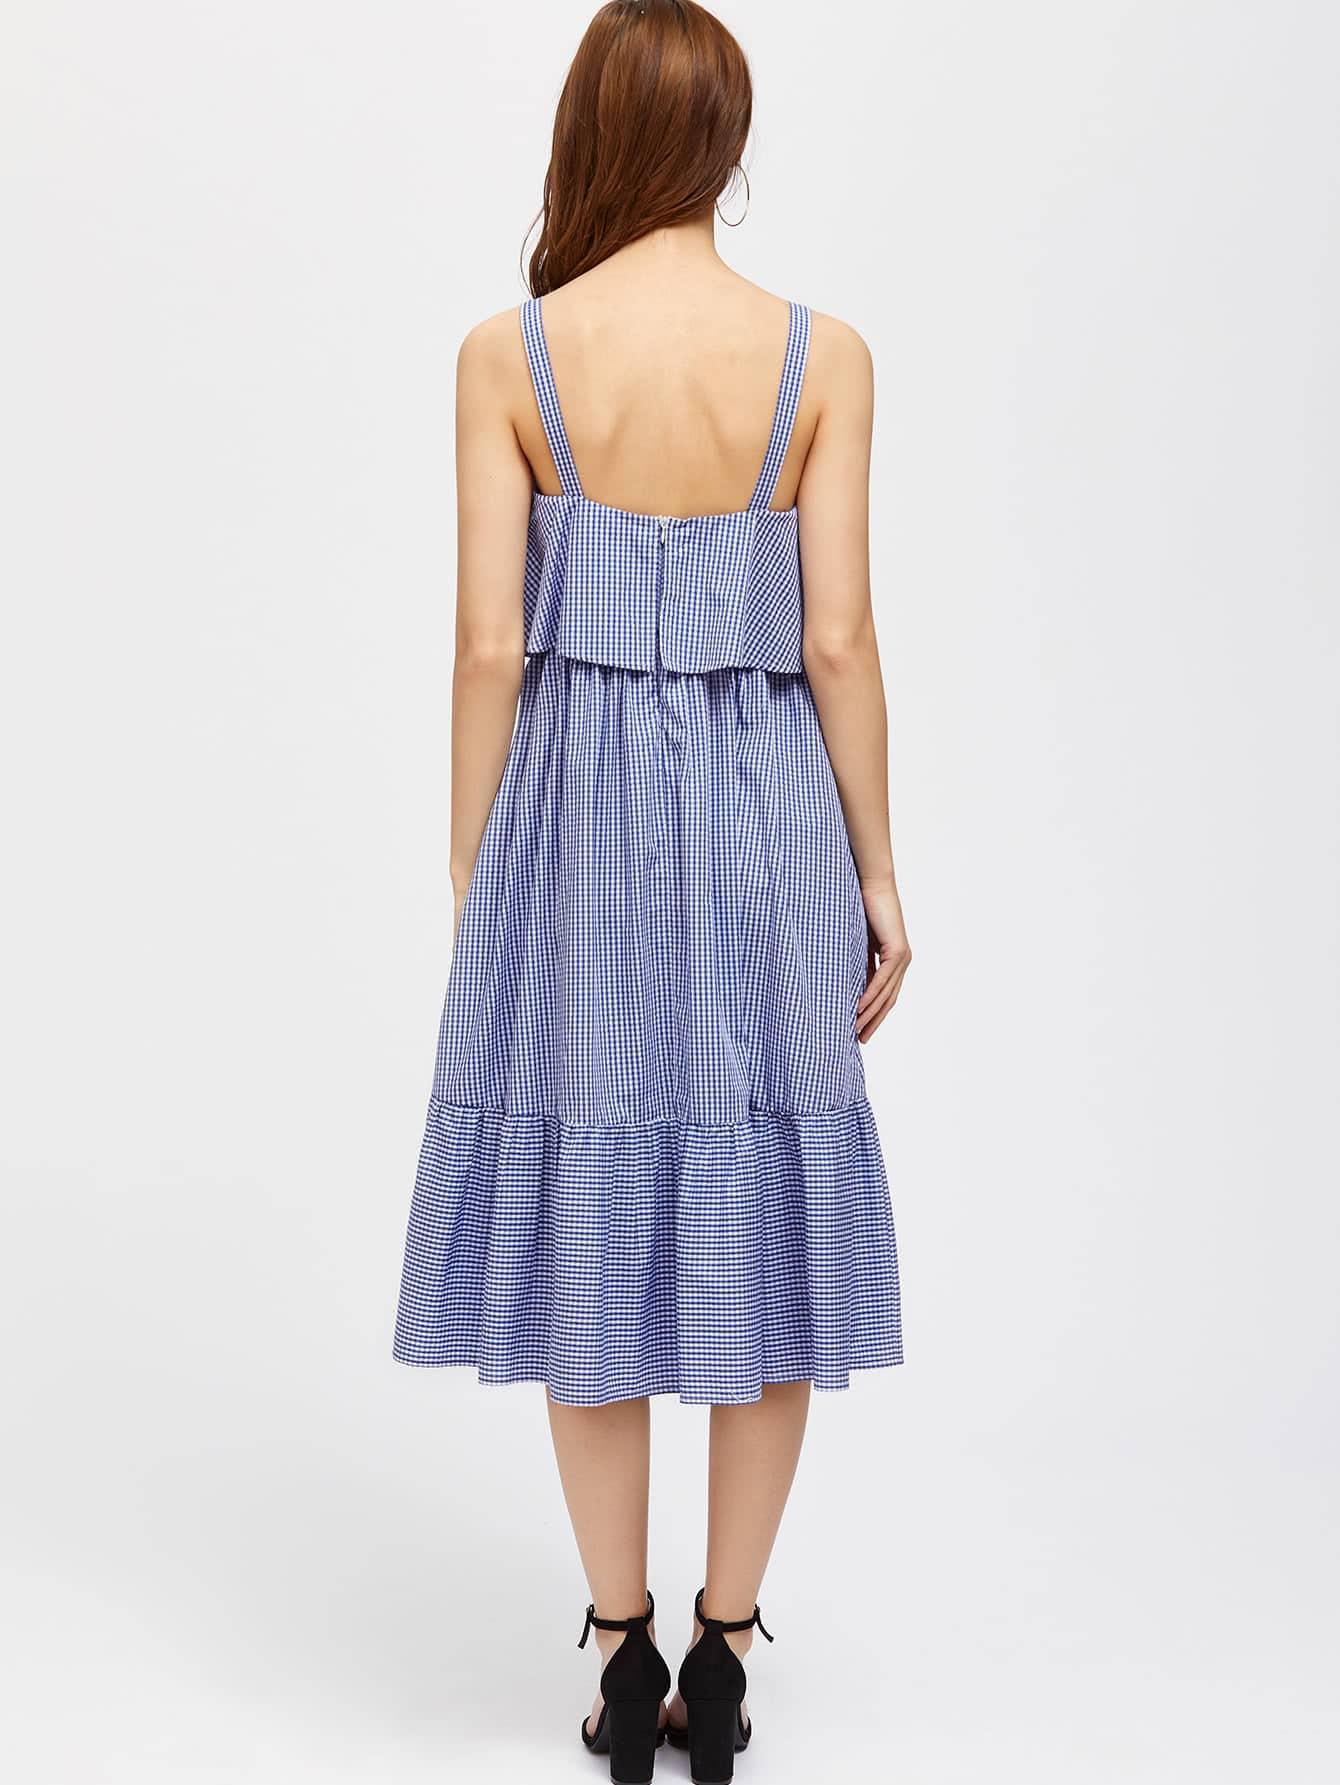 dress170531452_2